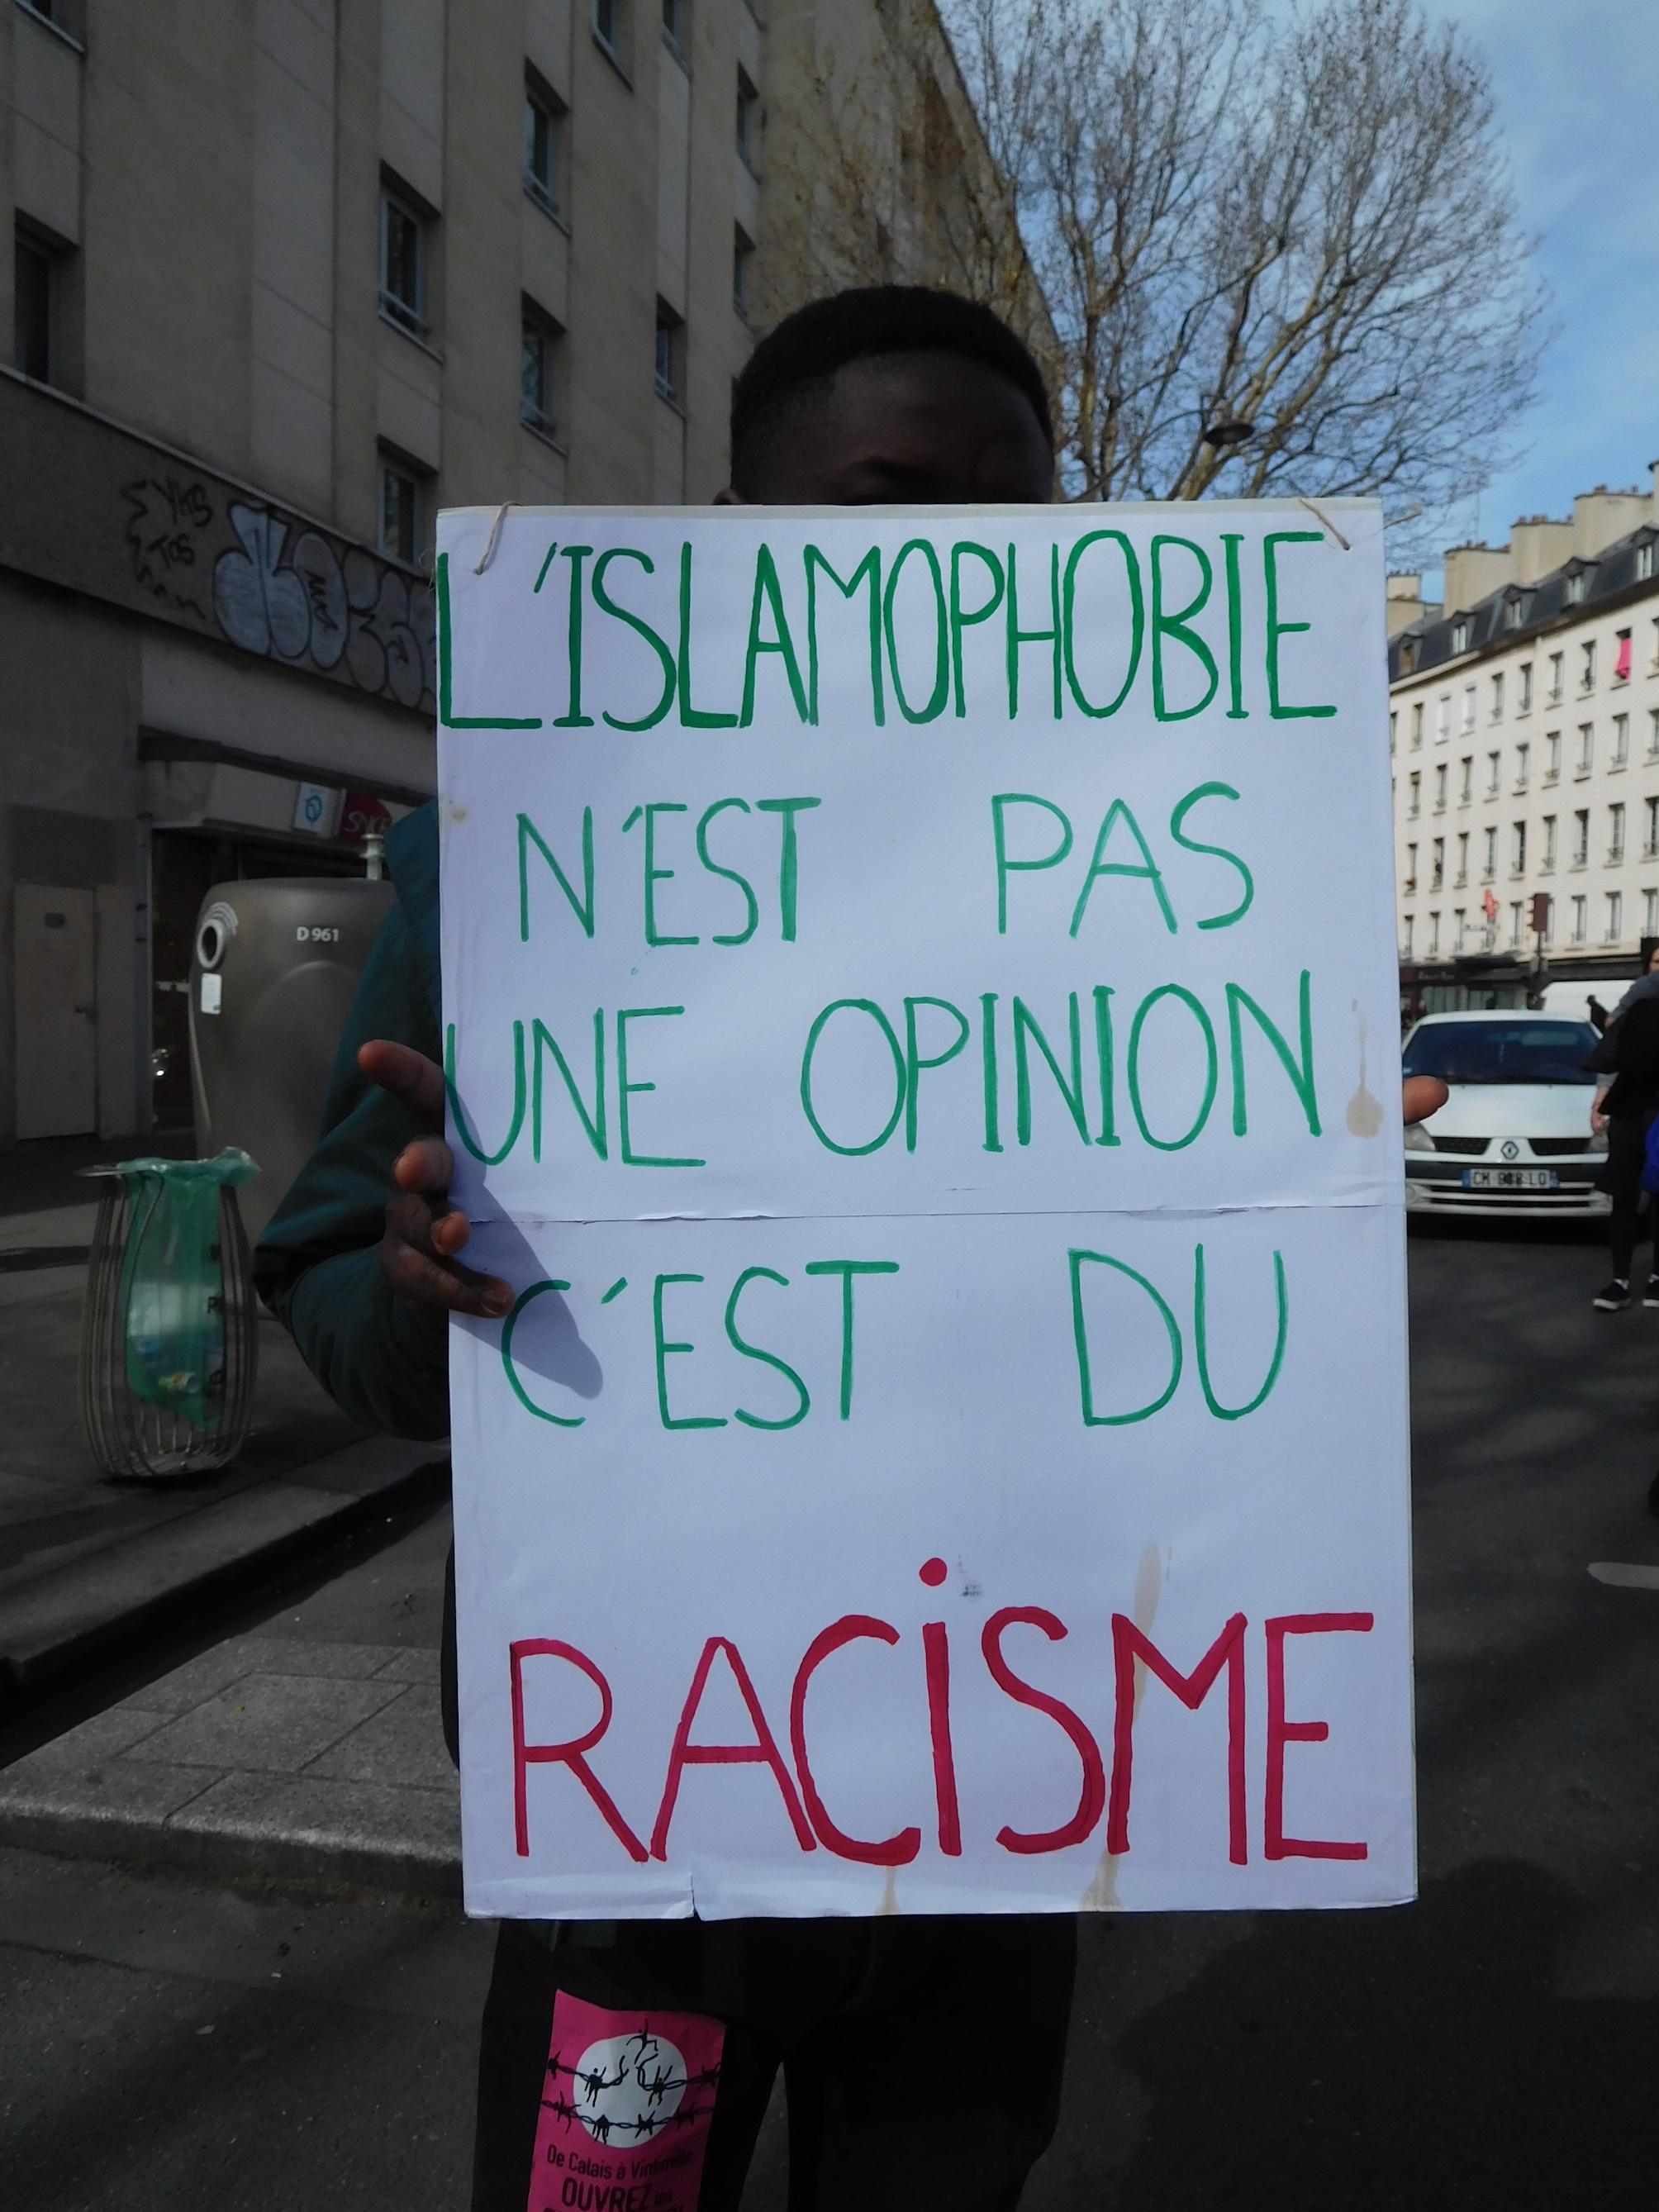 islamophobie_7_avril.jpg